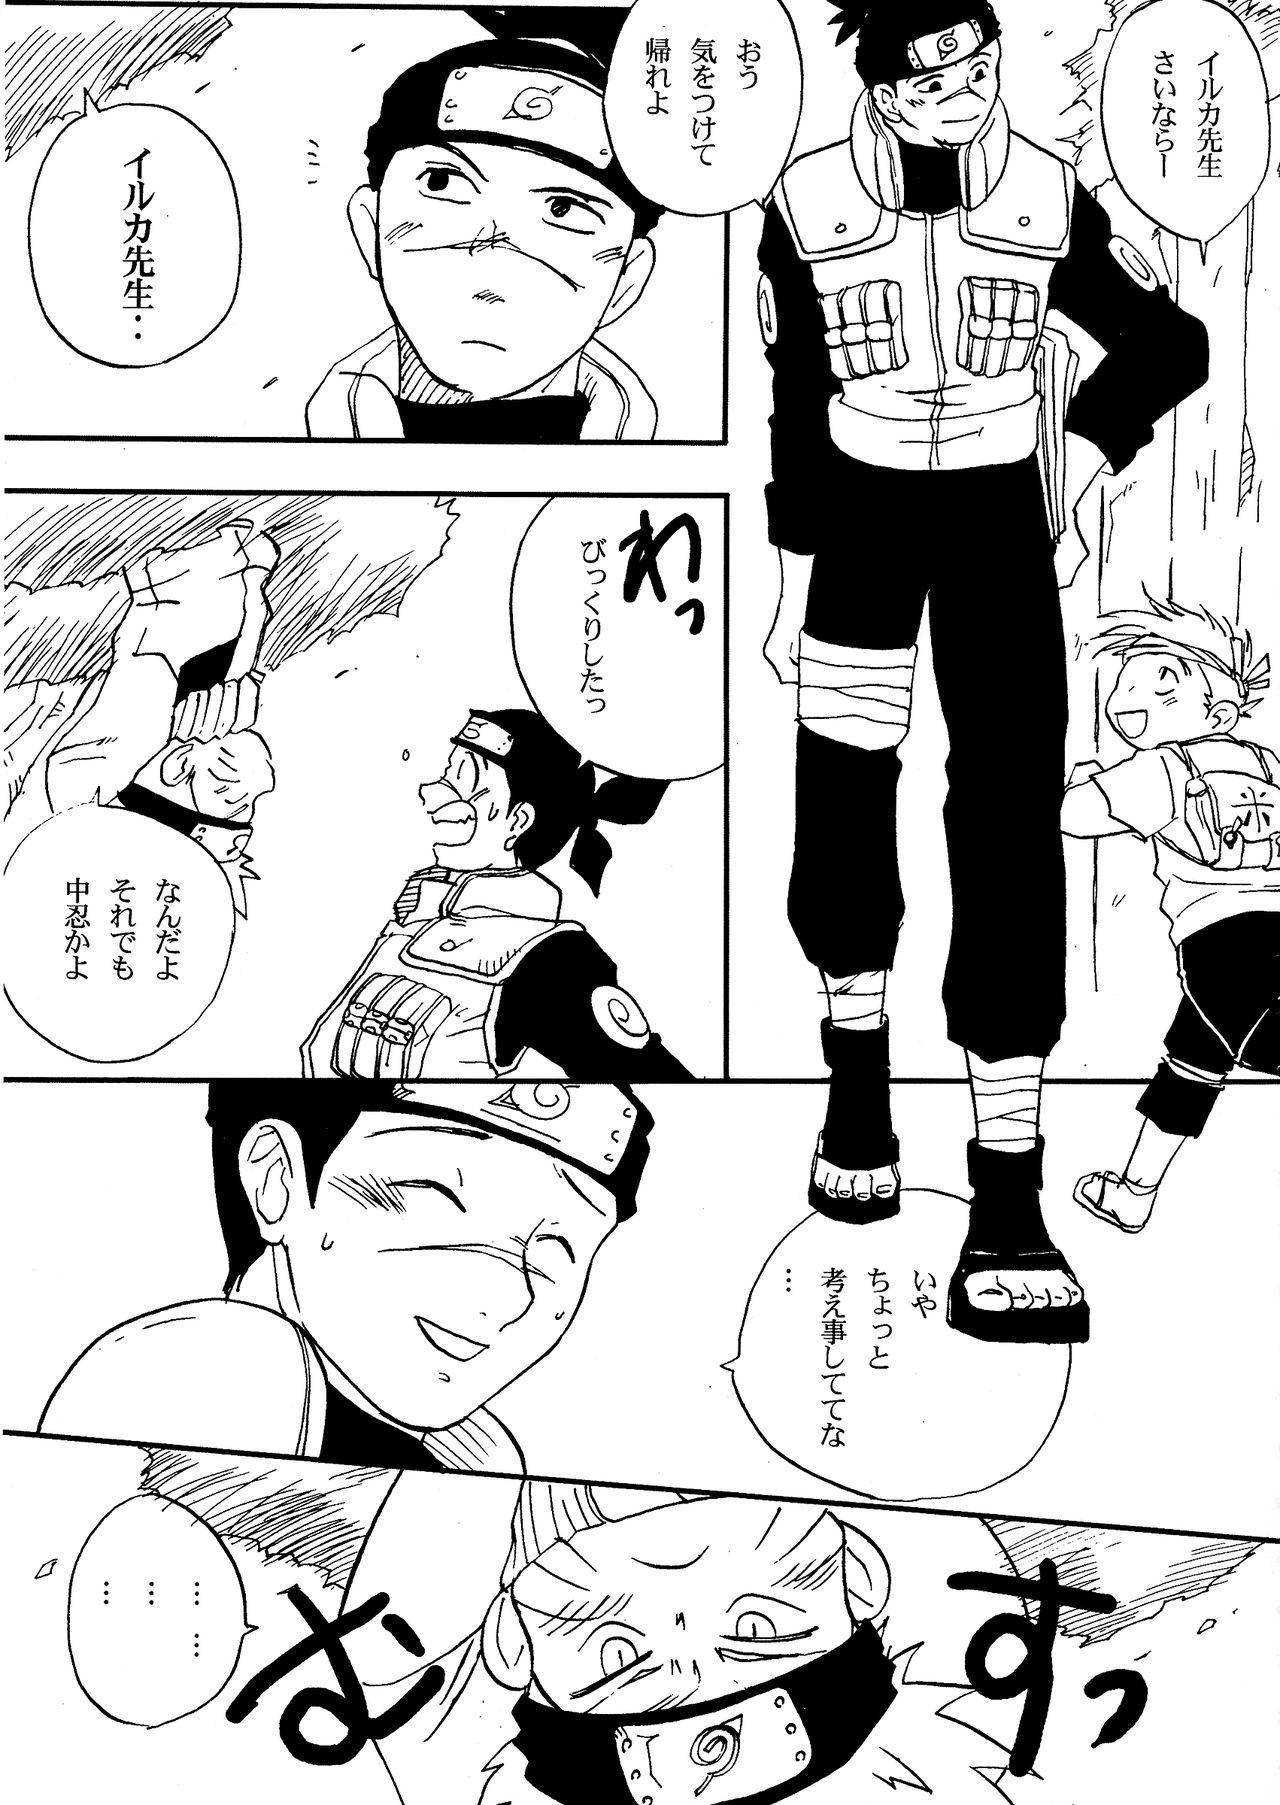 IruNaru no Wadachi 23